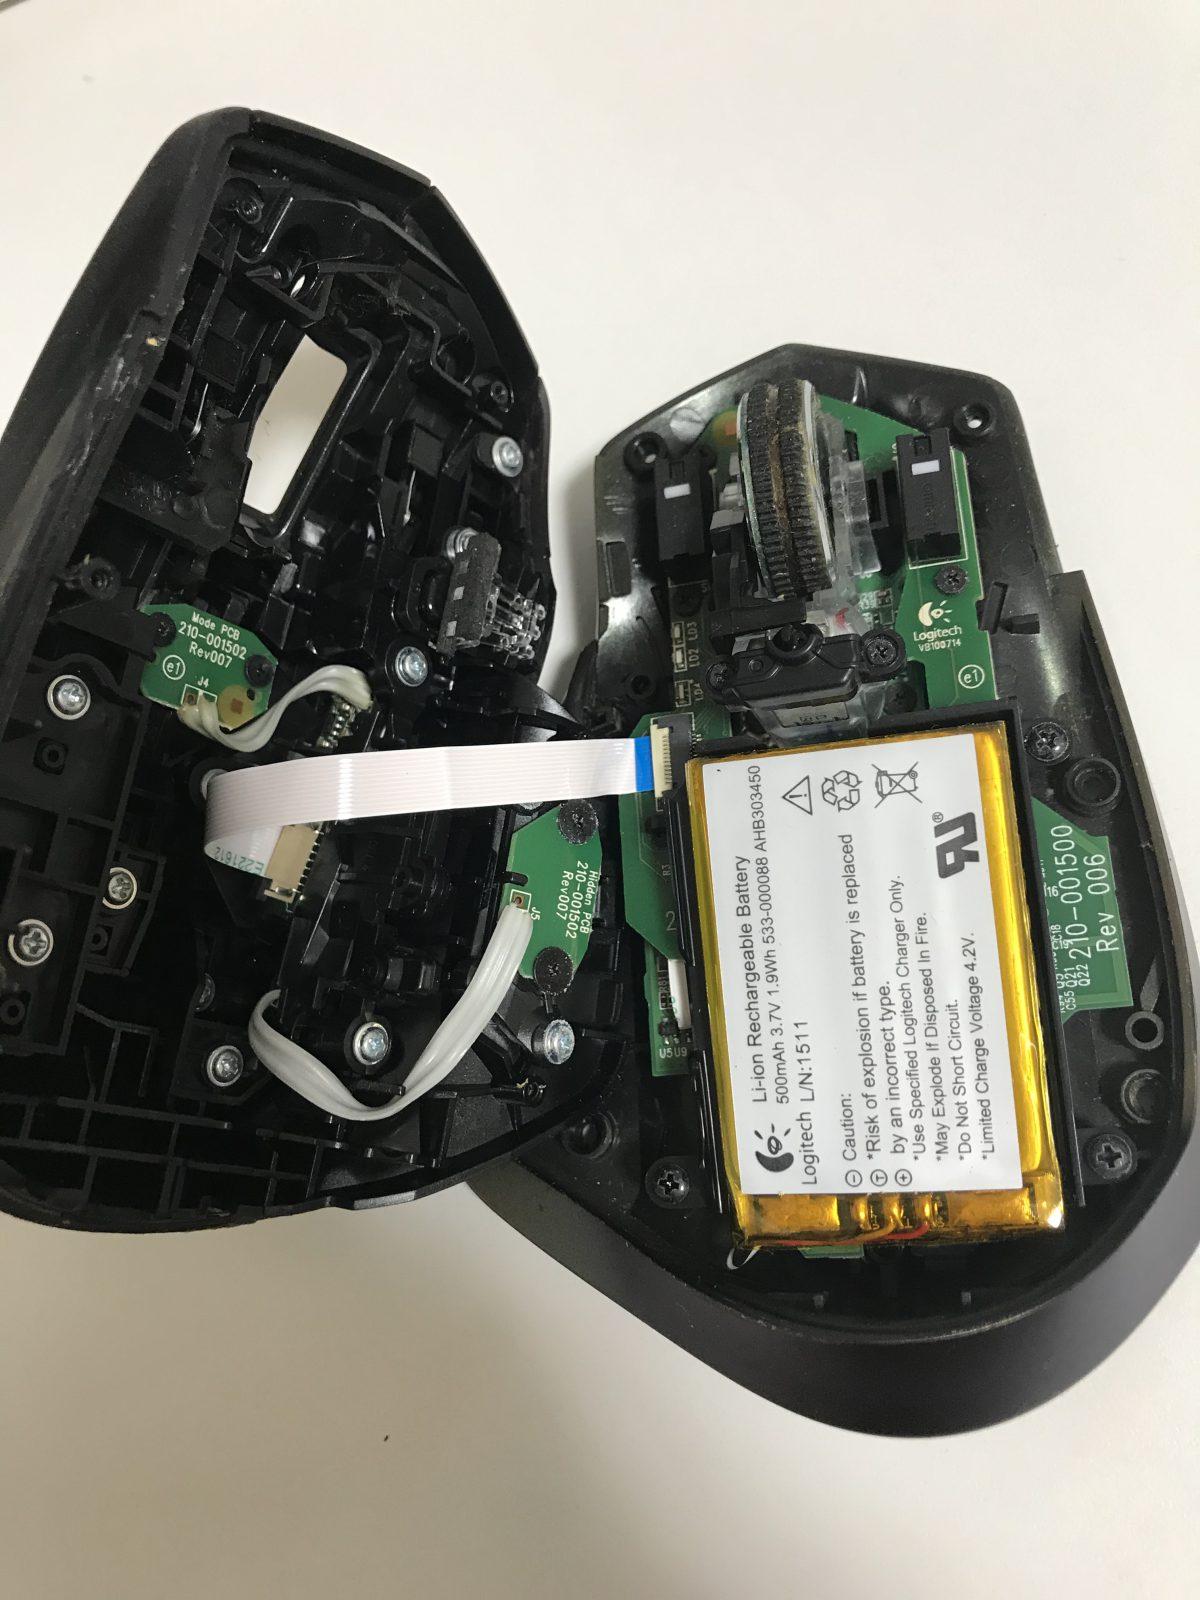 MX Masterのマウスポインタが動かなくなったけど強引に直した